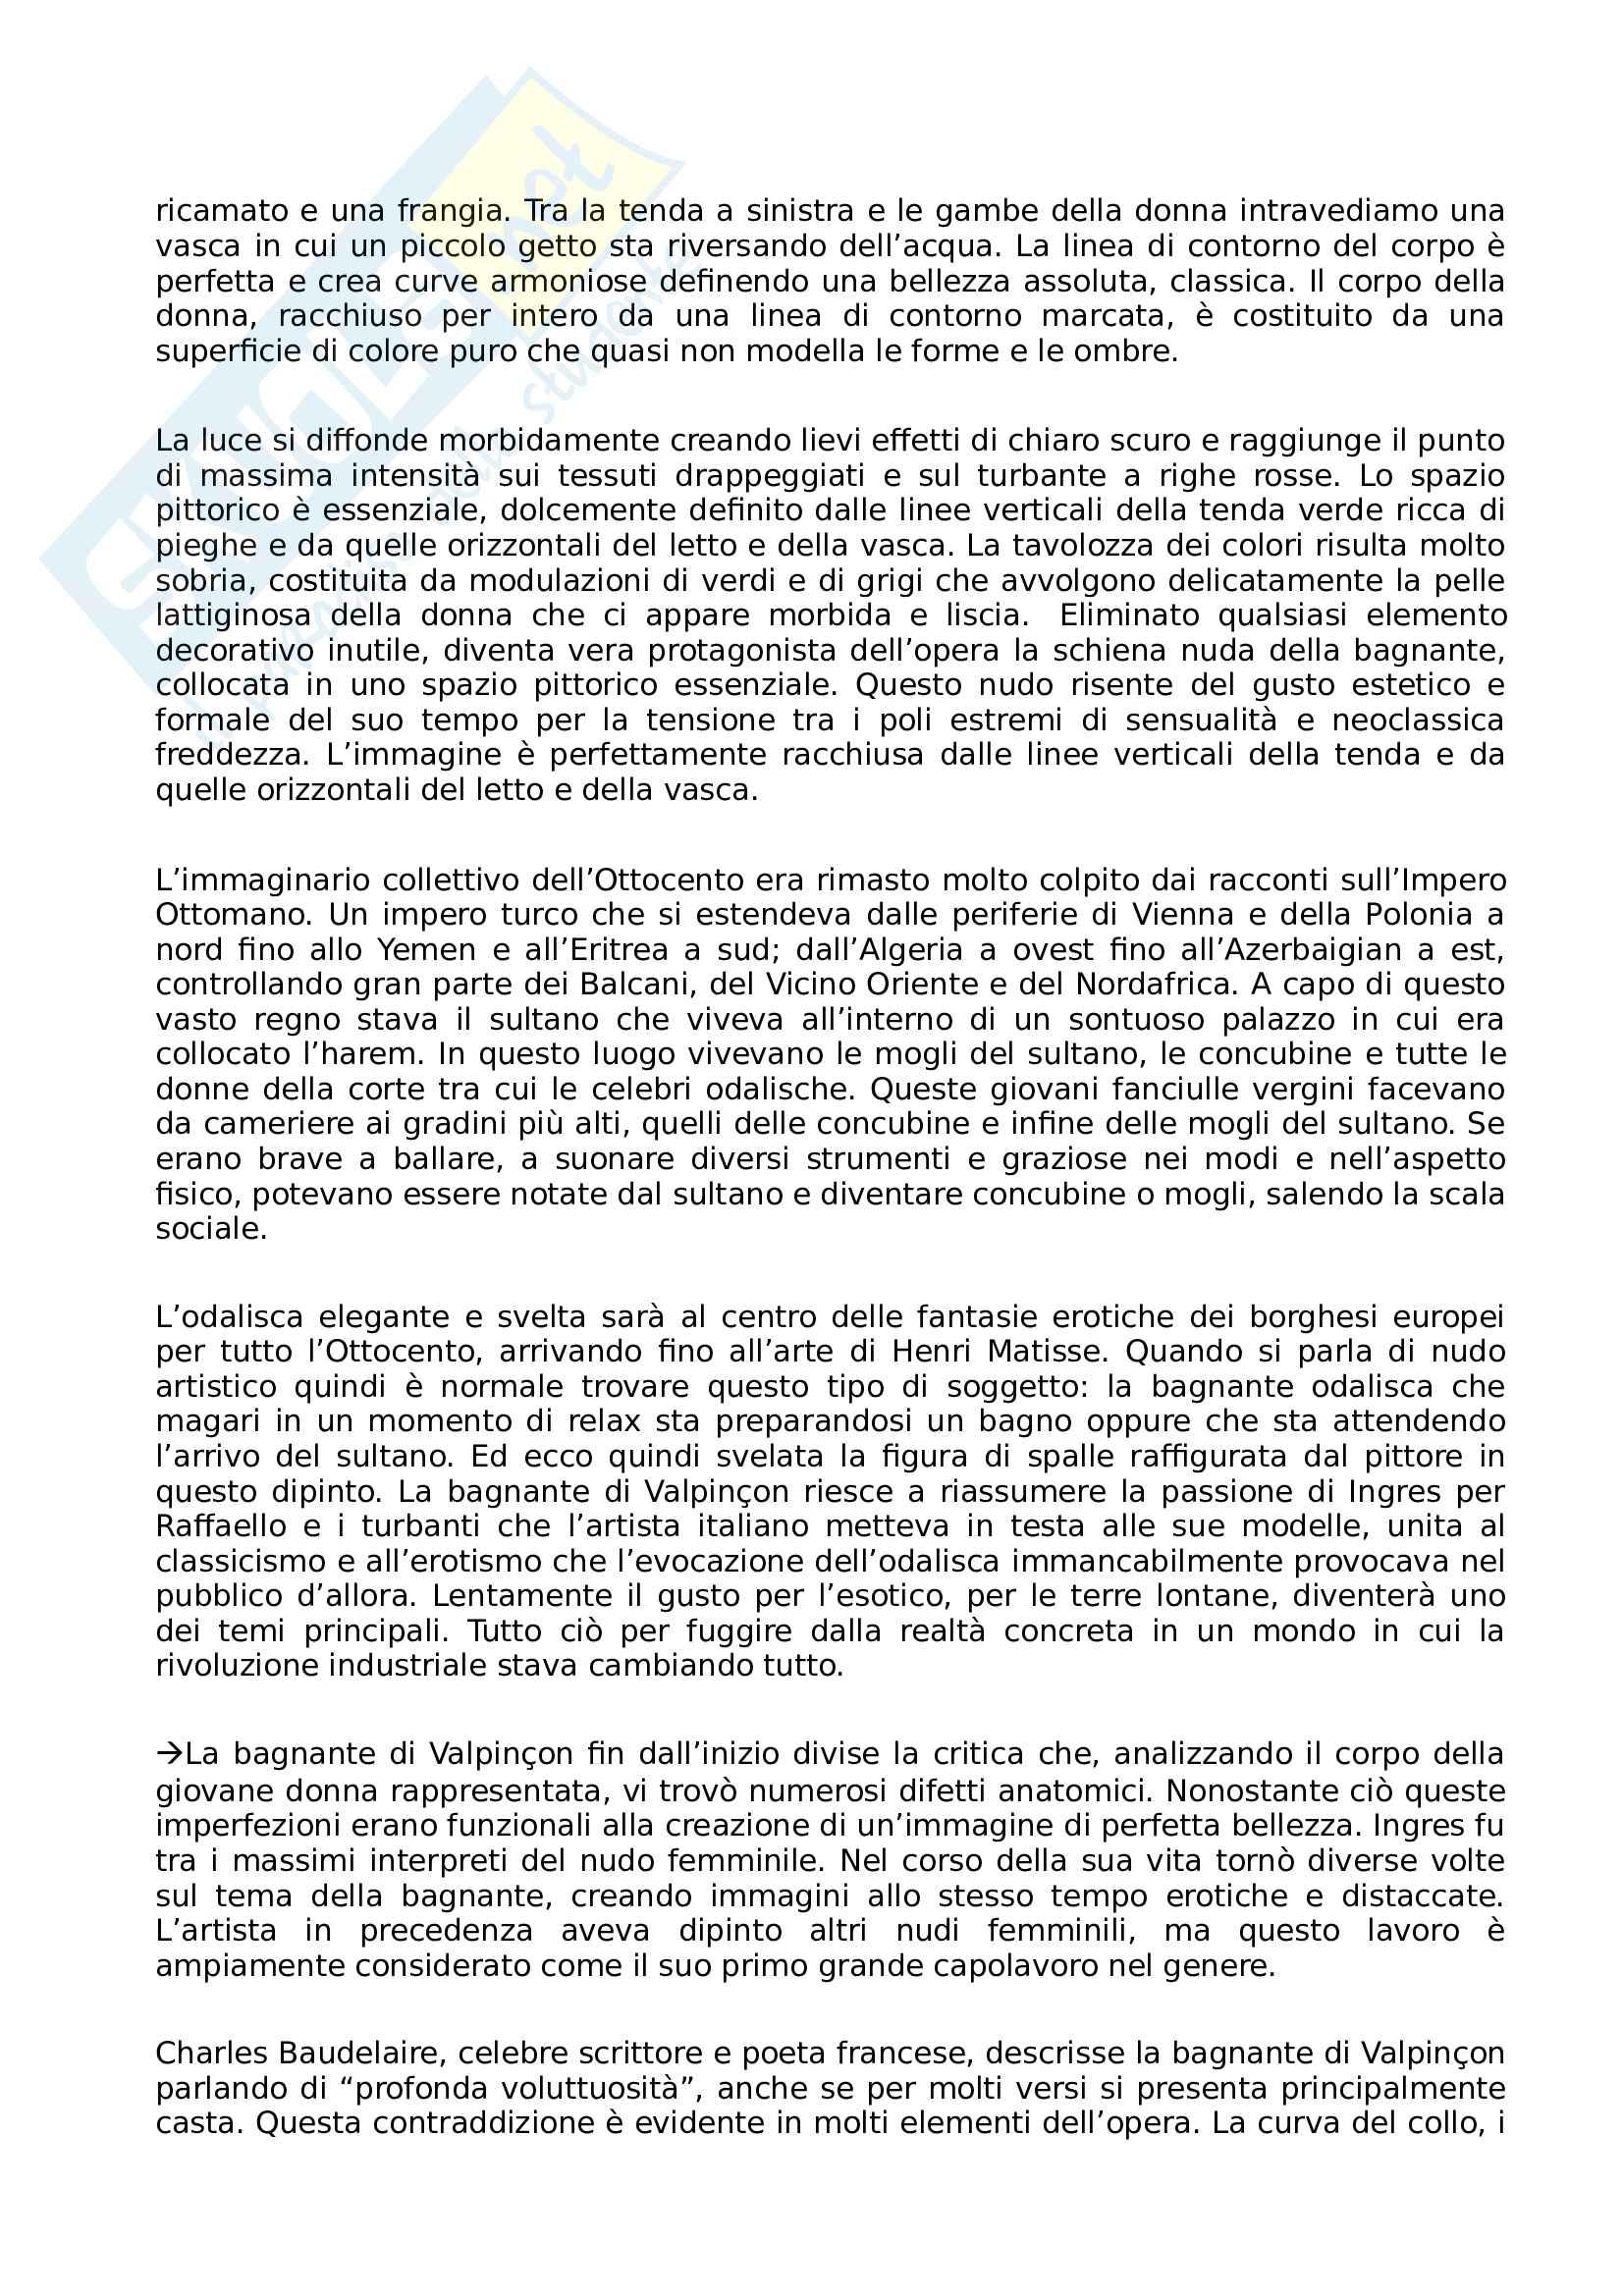 Appunti Storia dell'arte contemporanea: dal neoclassicismo a Turner Pag. 31